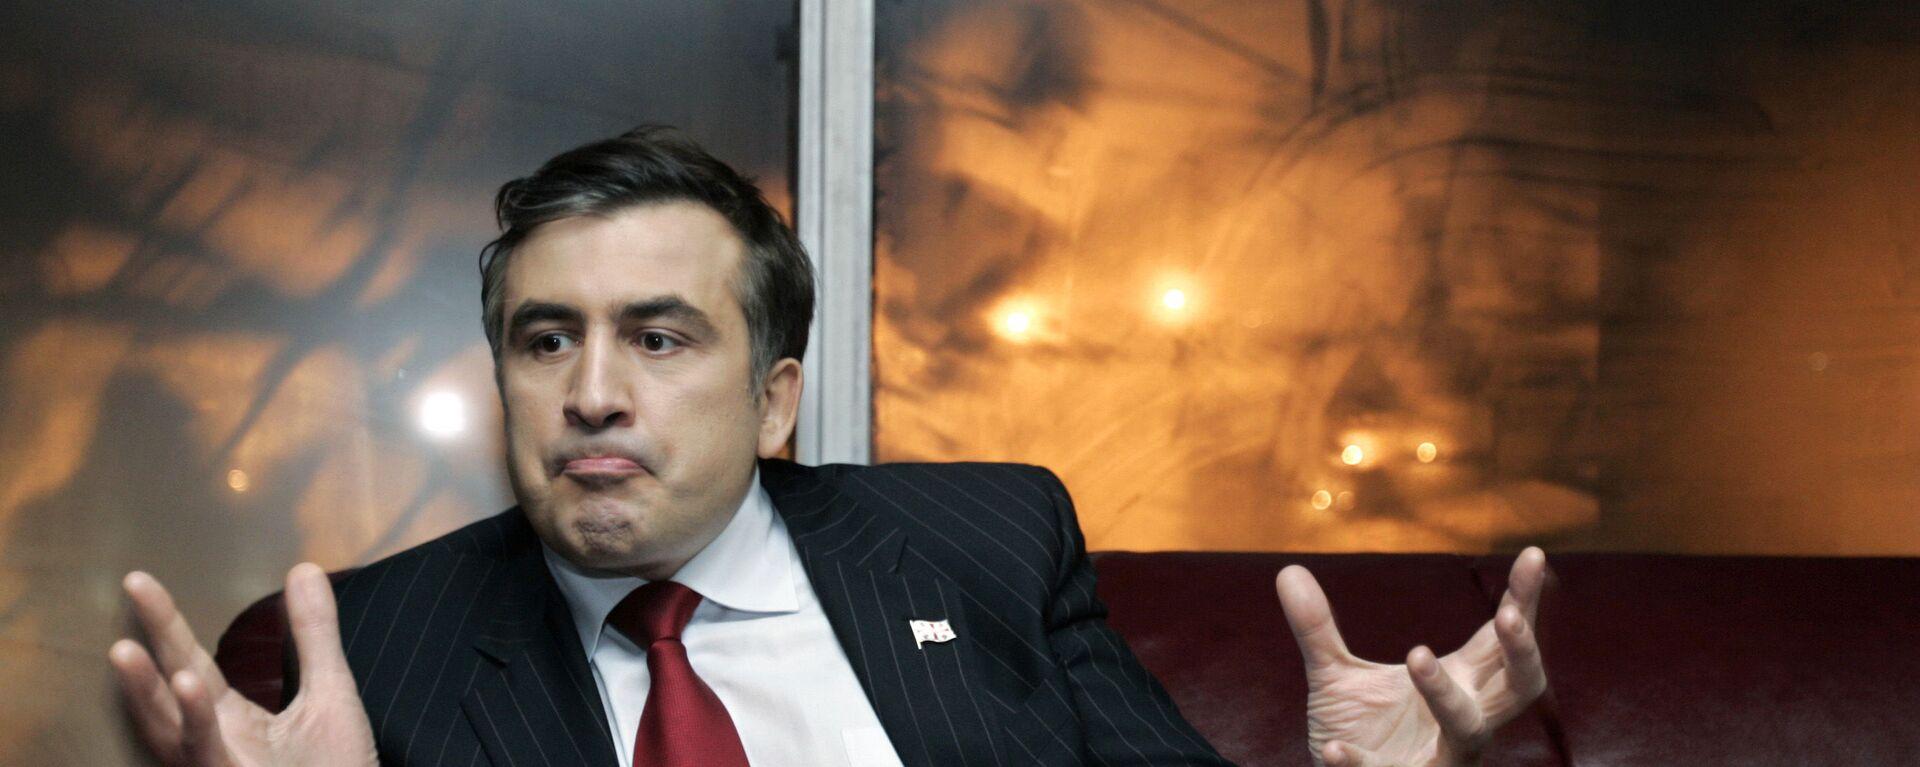 Gruziński polityk Michaił Saakaszwili - Sputnik Polska, 1920, 08.10.2021